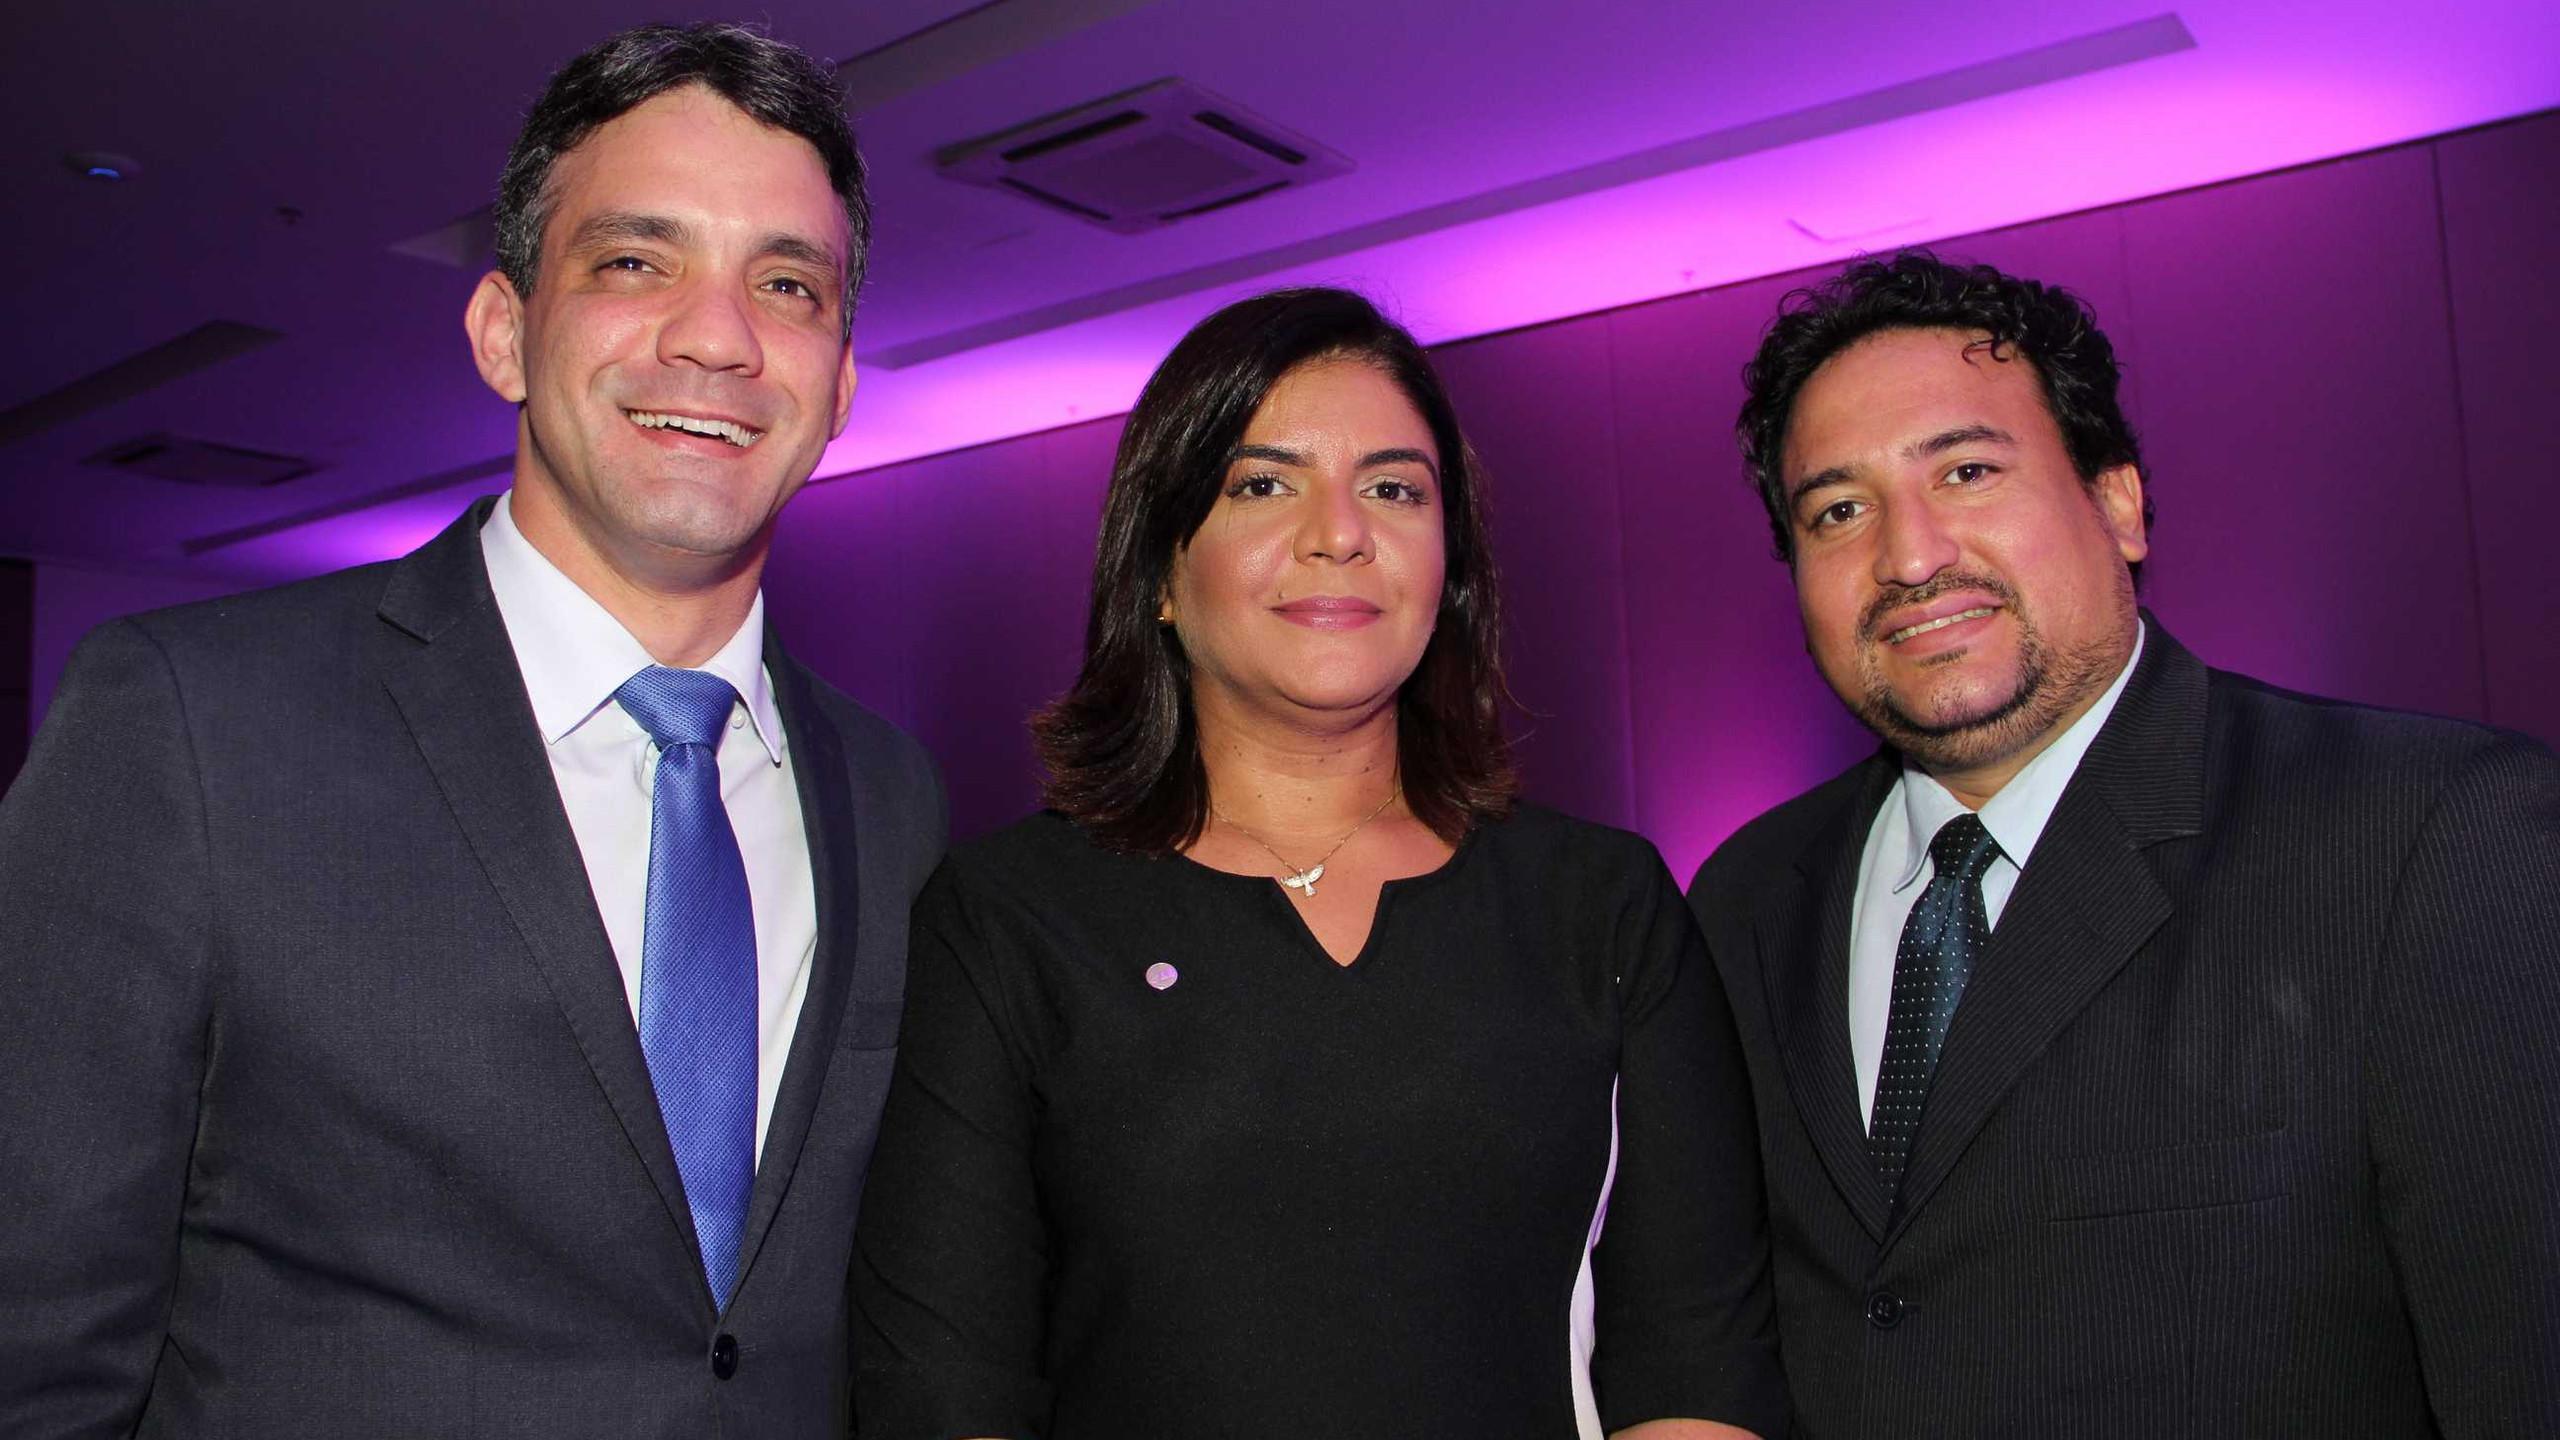 O Pres. da OAB-MA Thiago Diaz (Pres. OAB-MA) com Carolina Carvalho e Yuri Corrêa.